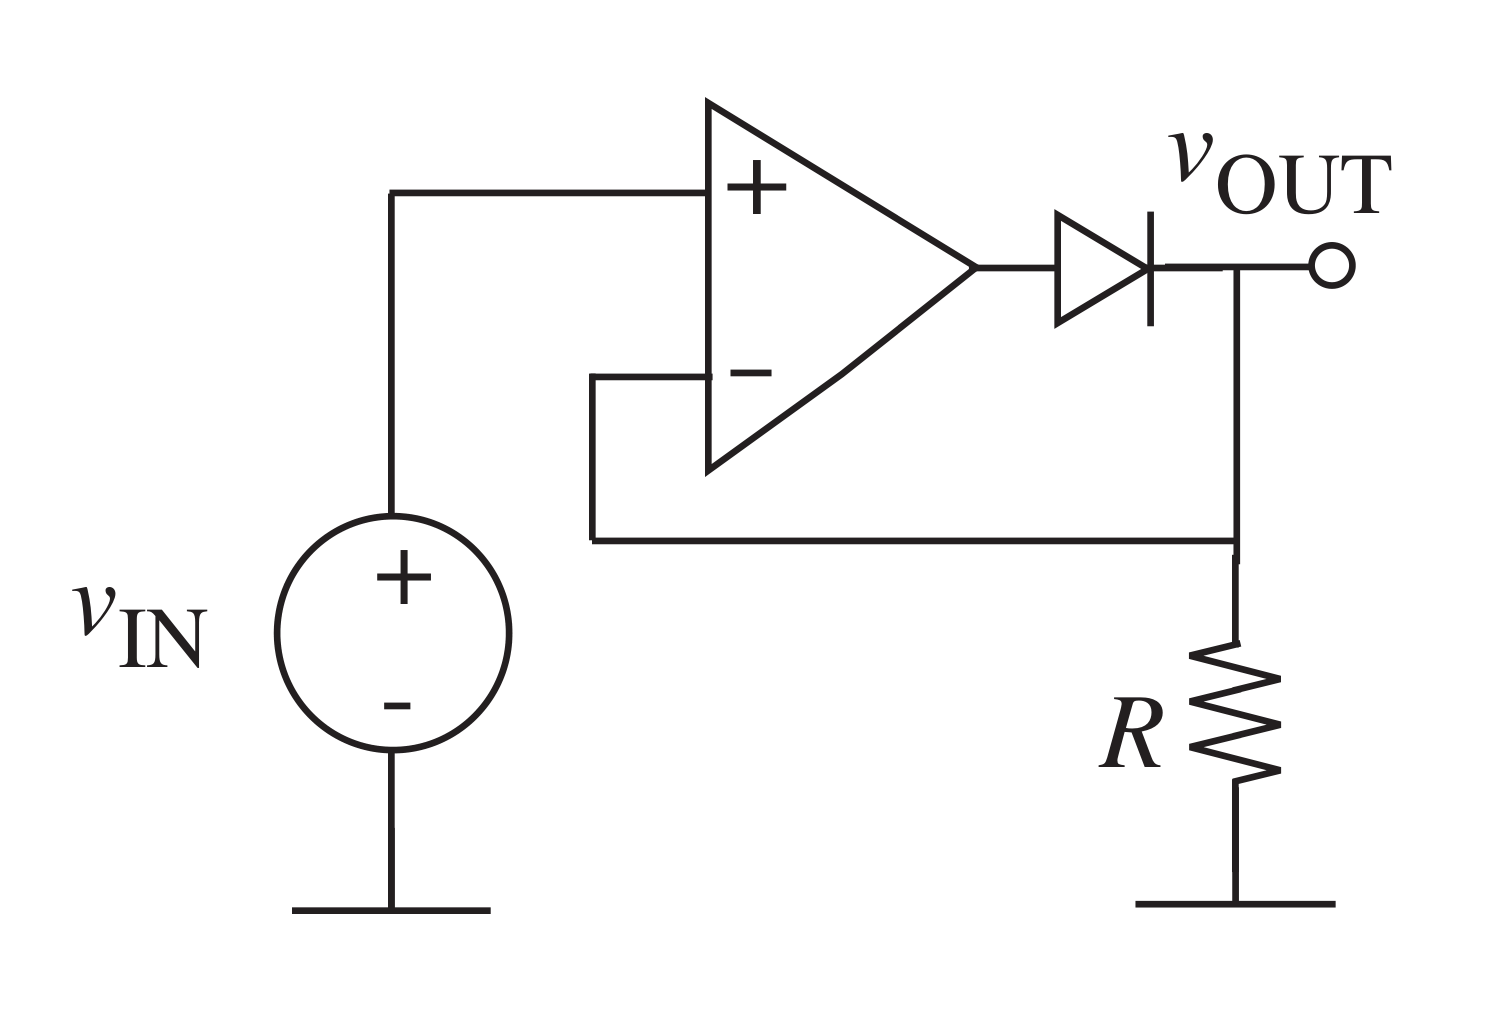 application of half wave rectifier using op amp